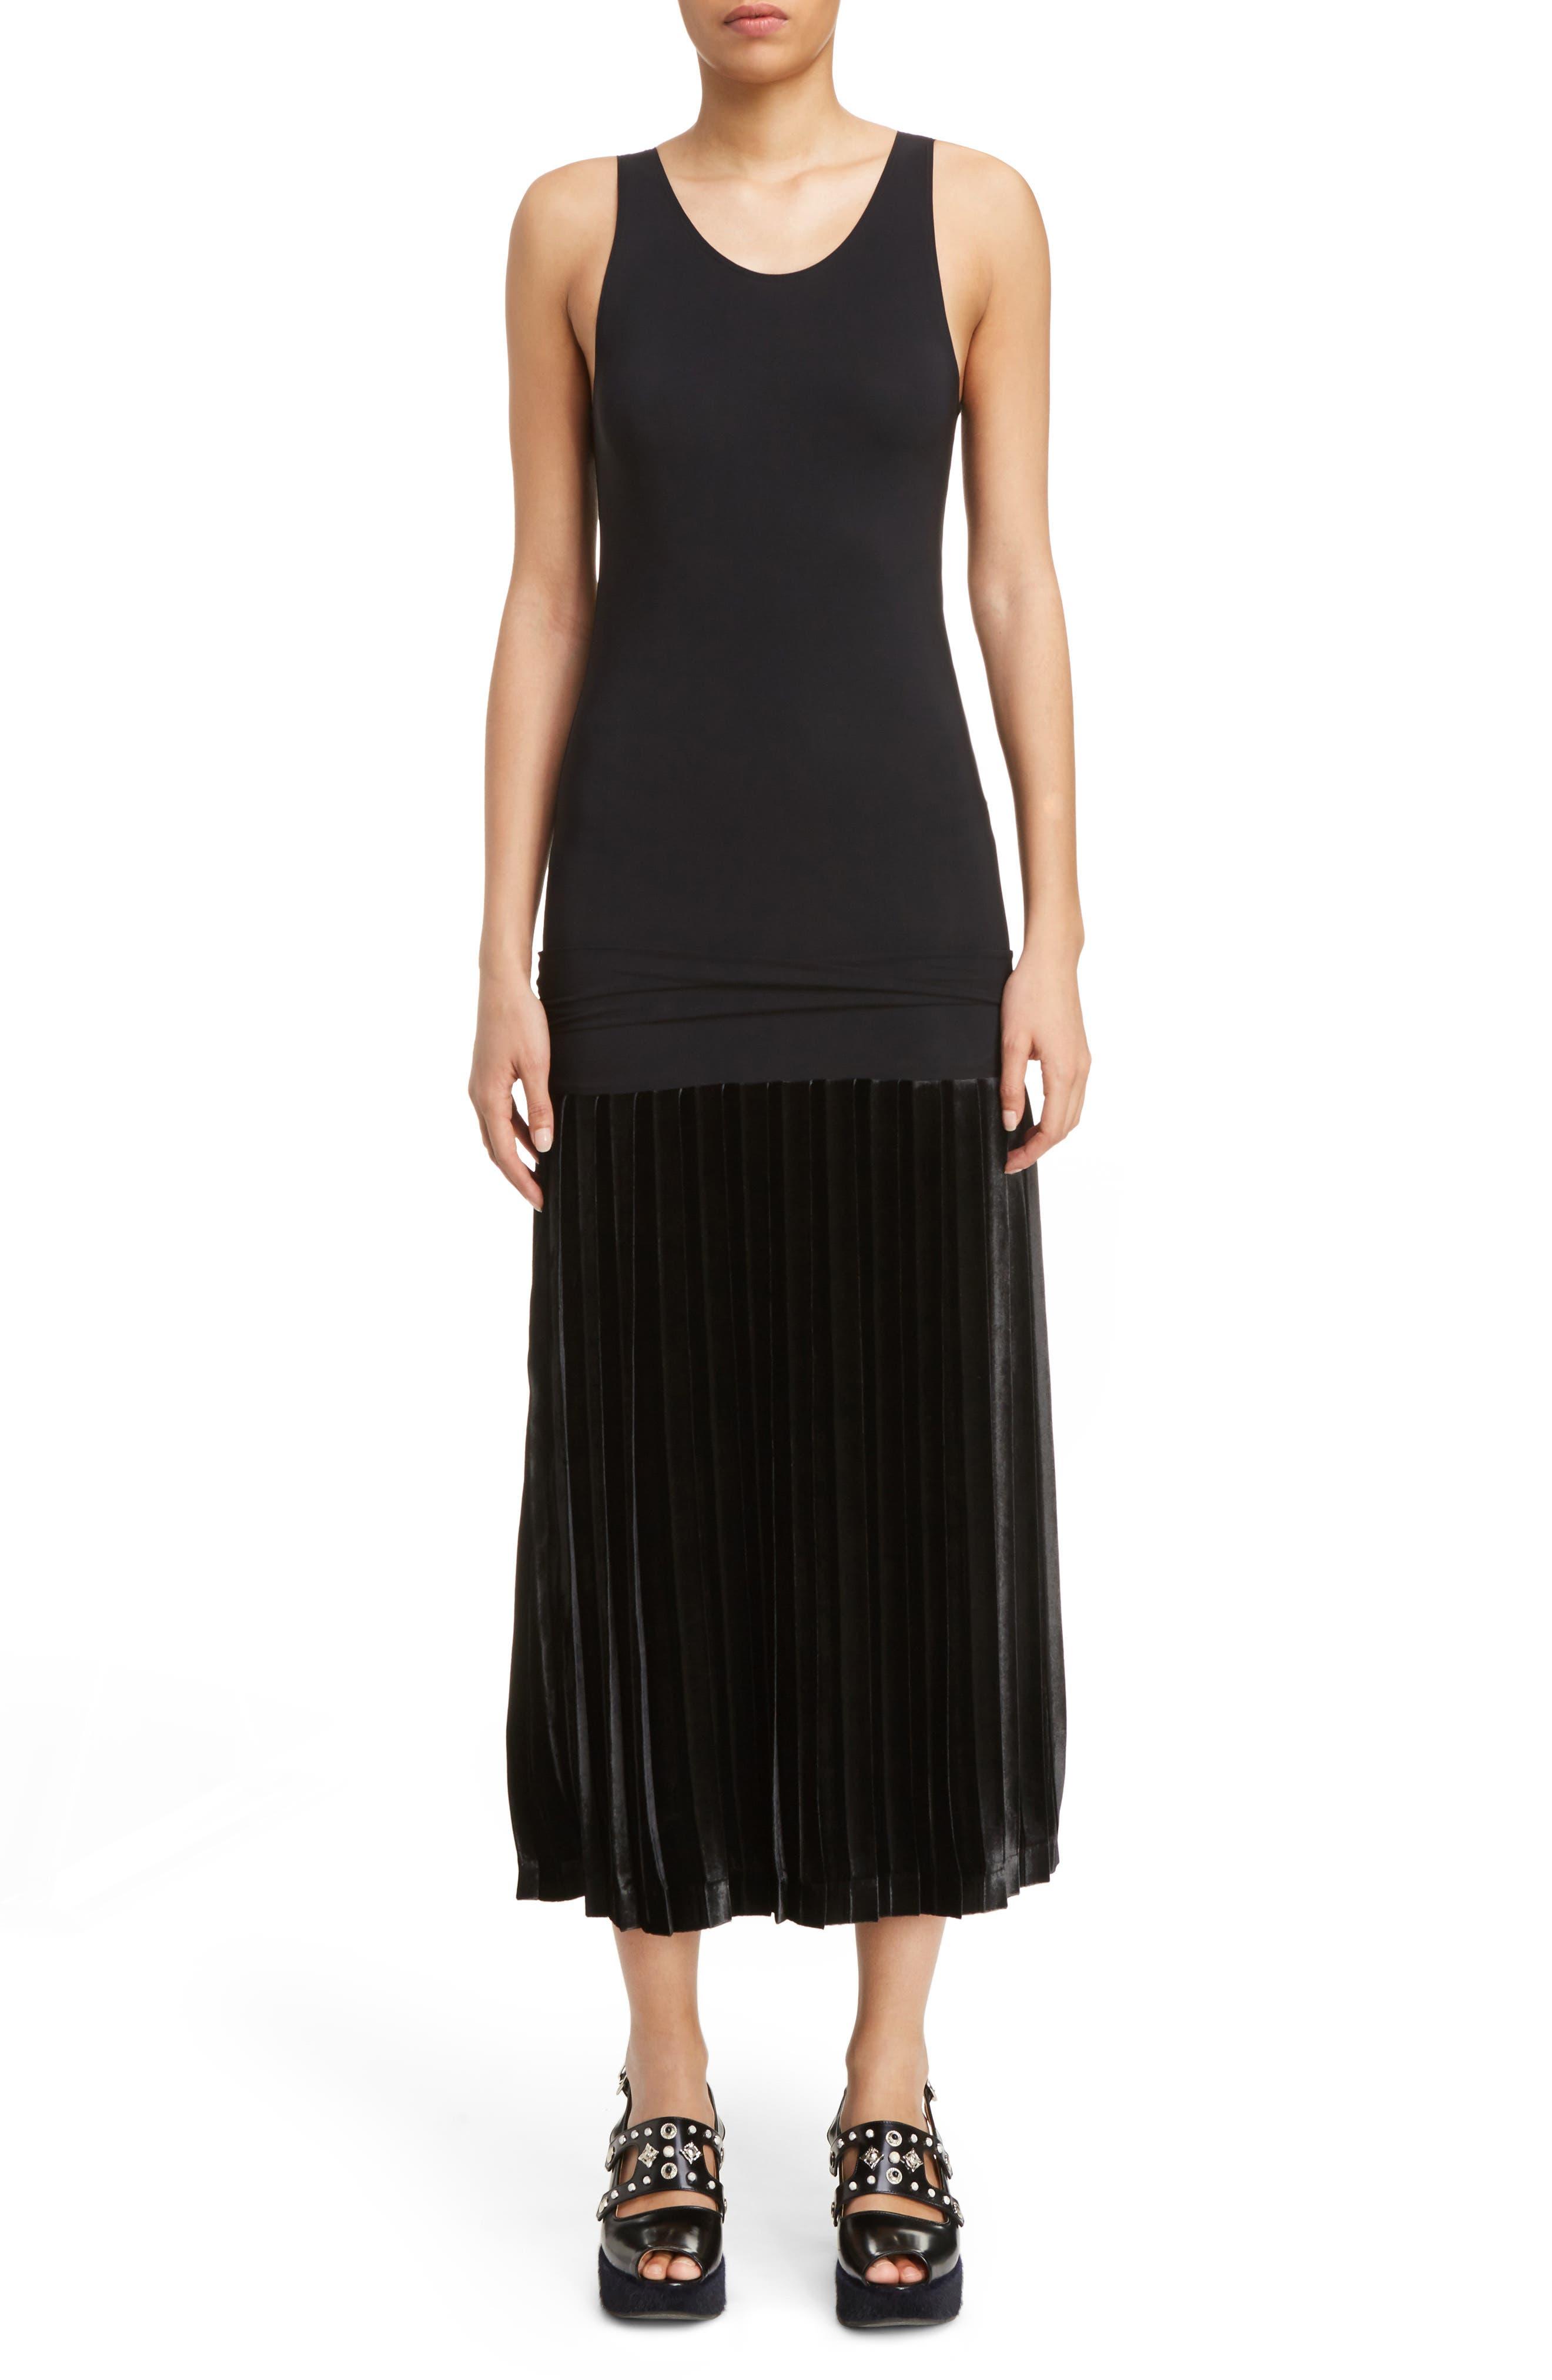 TOGA Velvet Skirt Tank Dress